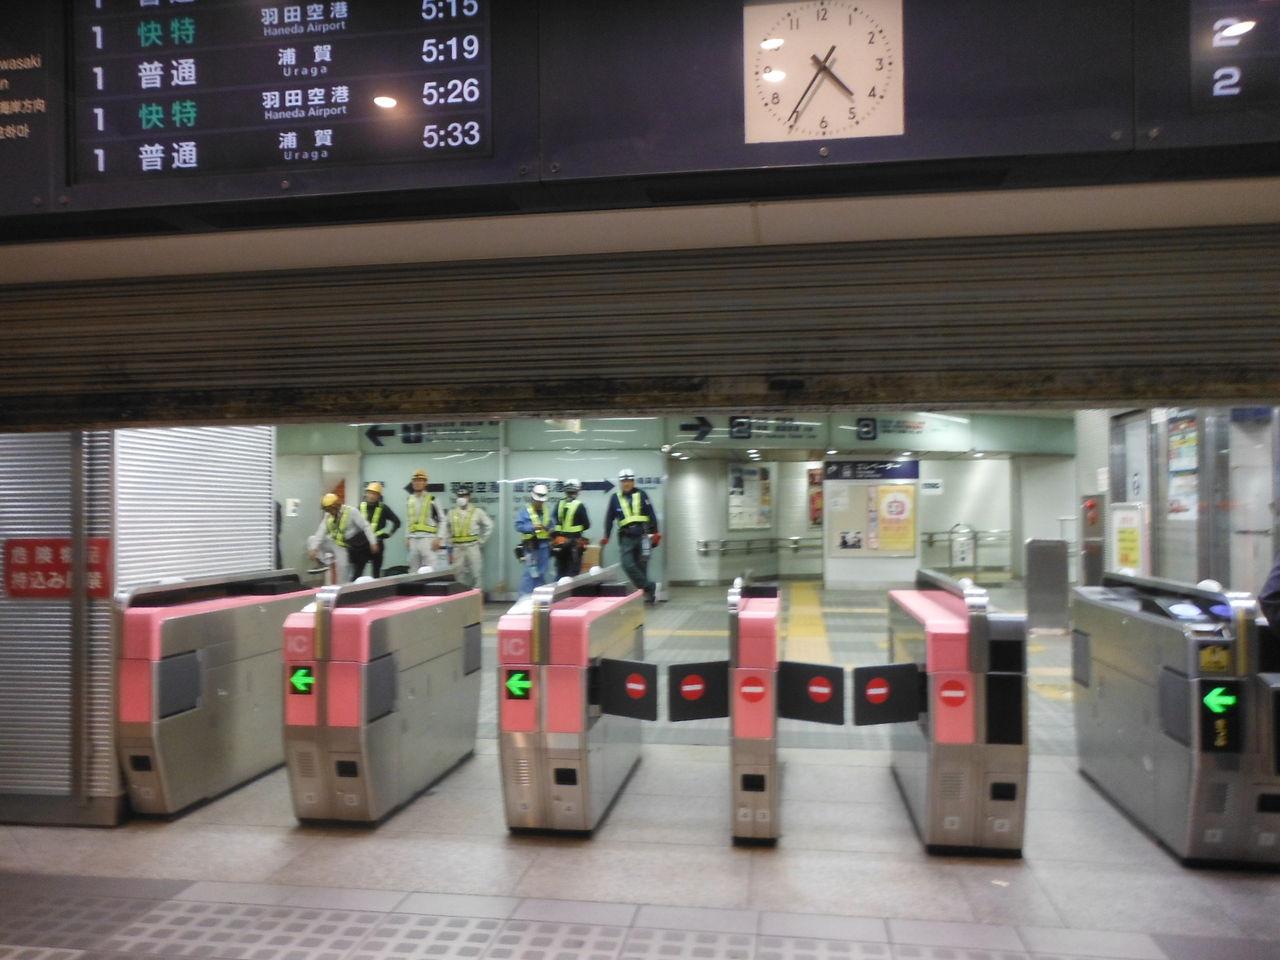 2017/04/29 京急品川の新しい乗車位置を撮る! その1